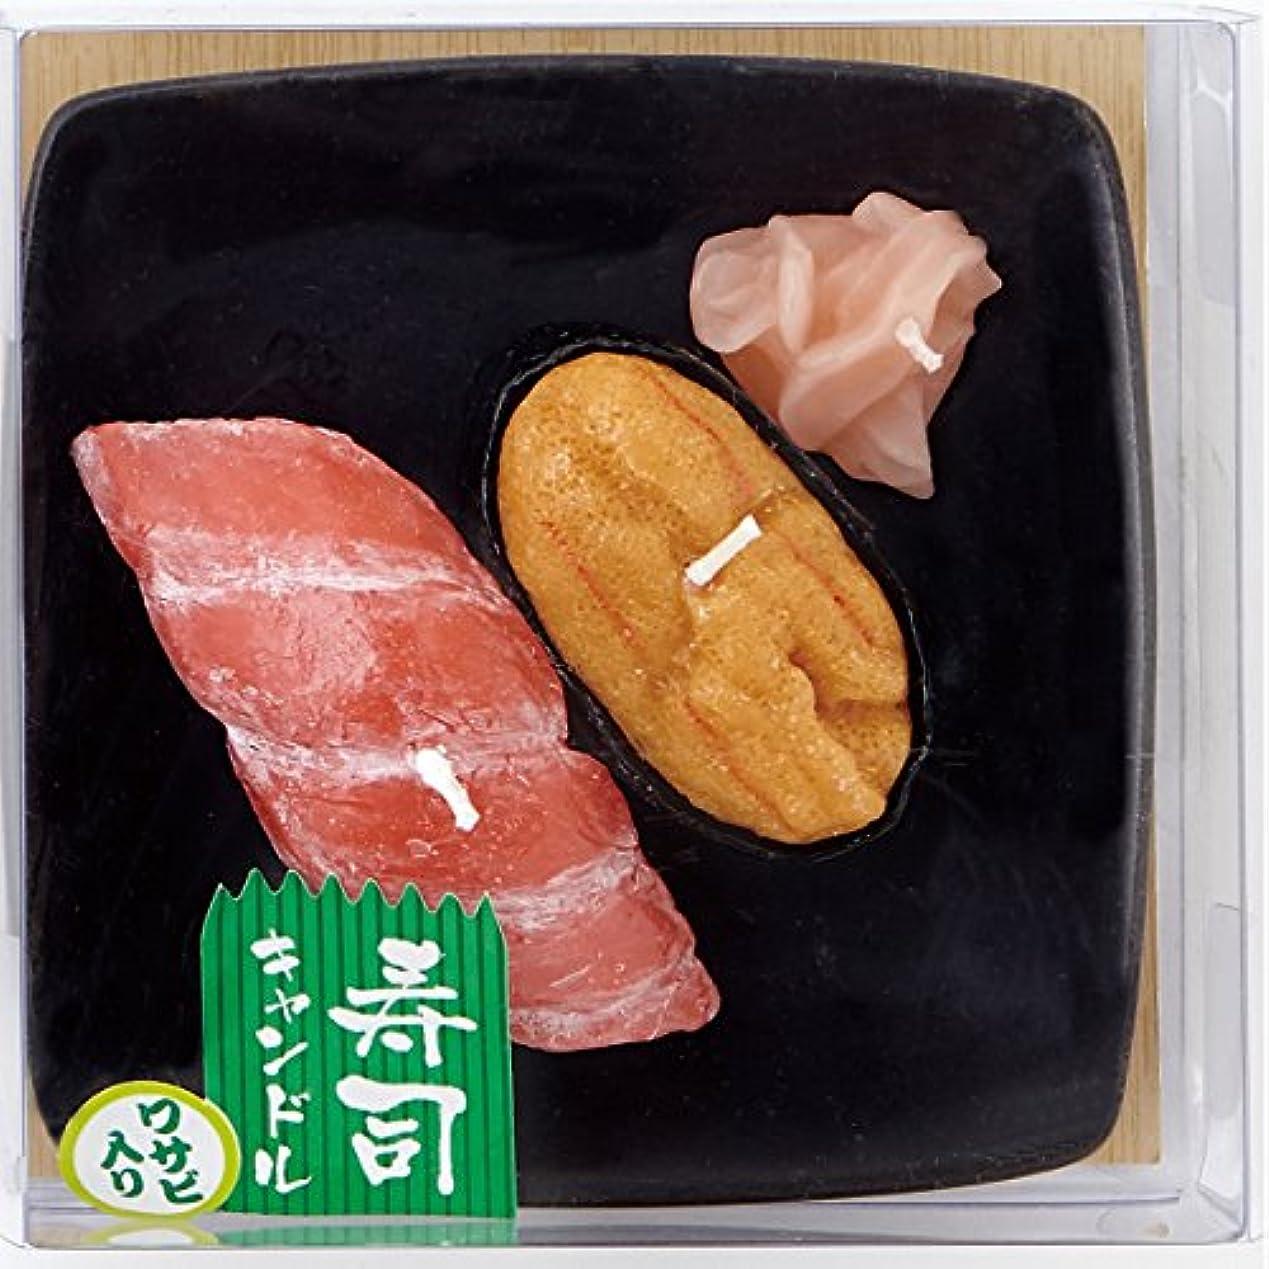 主に衣類苦行寿司キャンドル C(ウニ?大トロ) サビ入